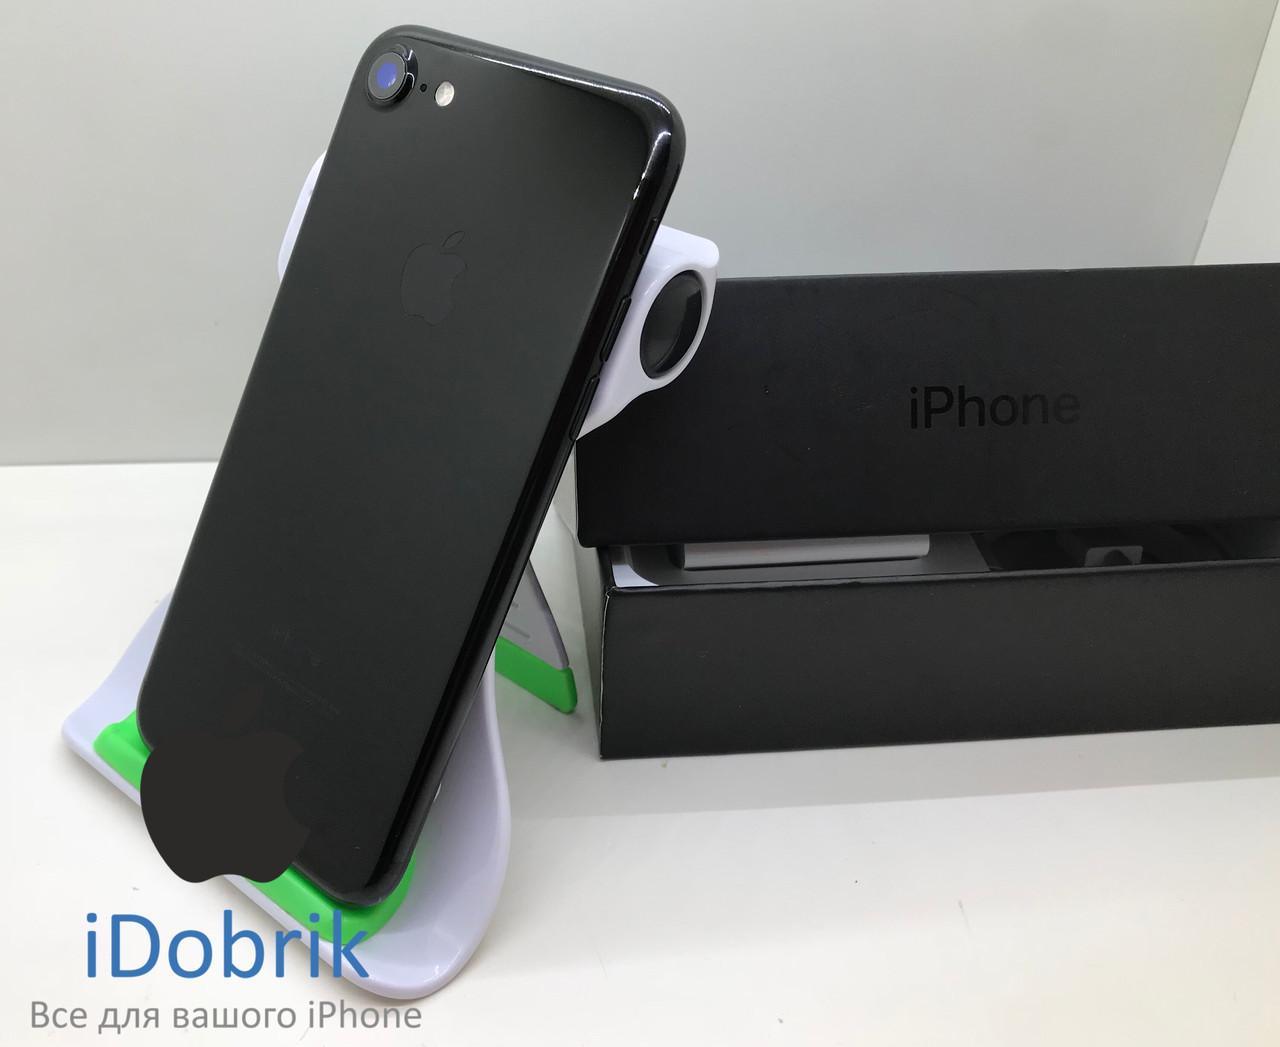 Телефон Apple iPhone 7 256gb Jet Black Neverlock 9/10